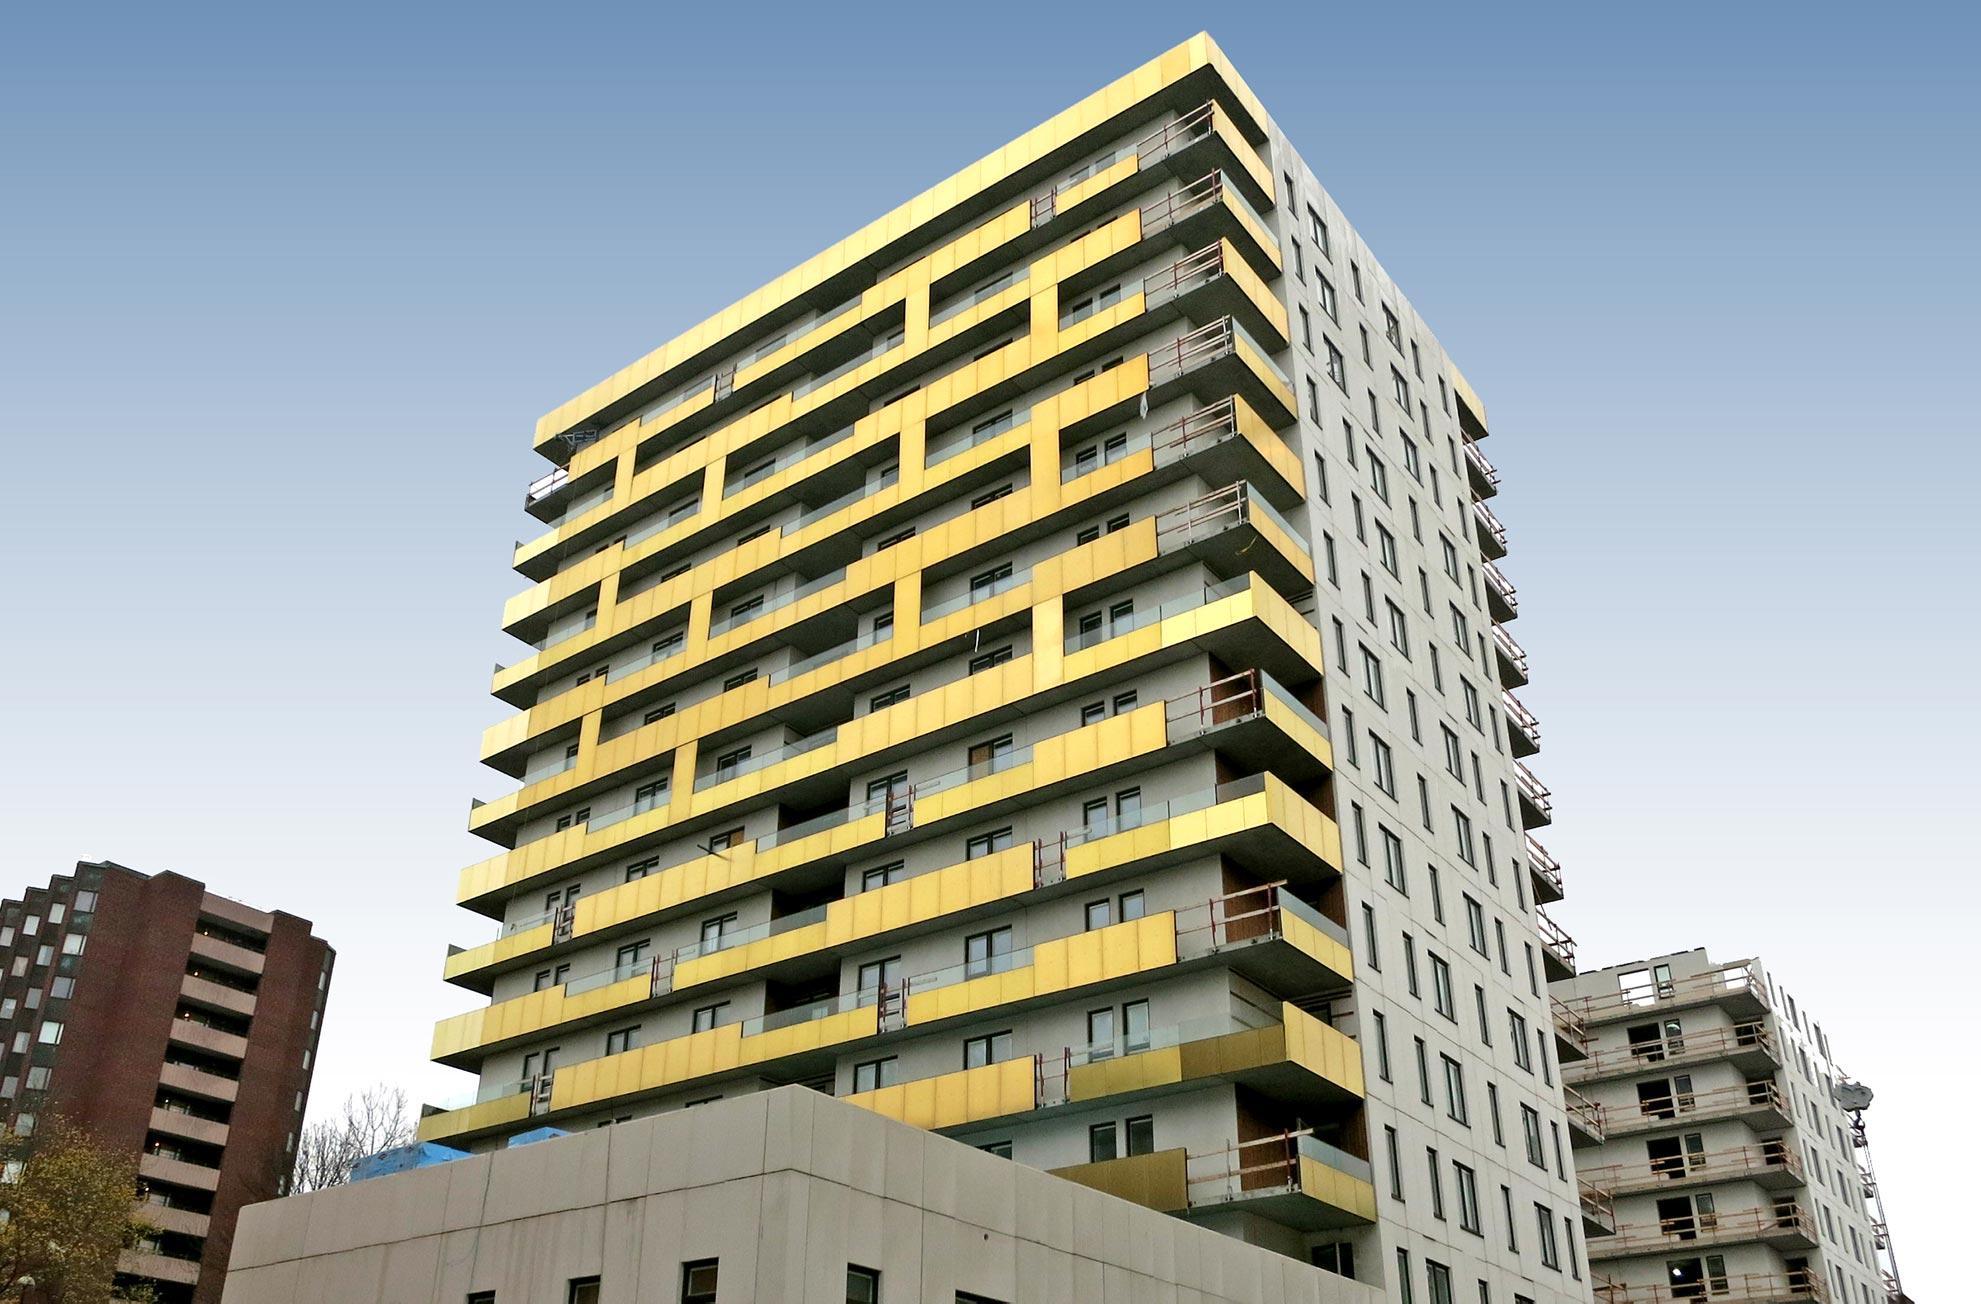 Apartamentos-Kv-Gladan.-Estocolmo-Suiza.-larson-metals-1_1592386764.jpg